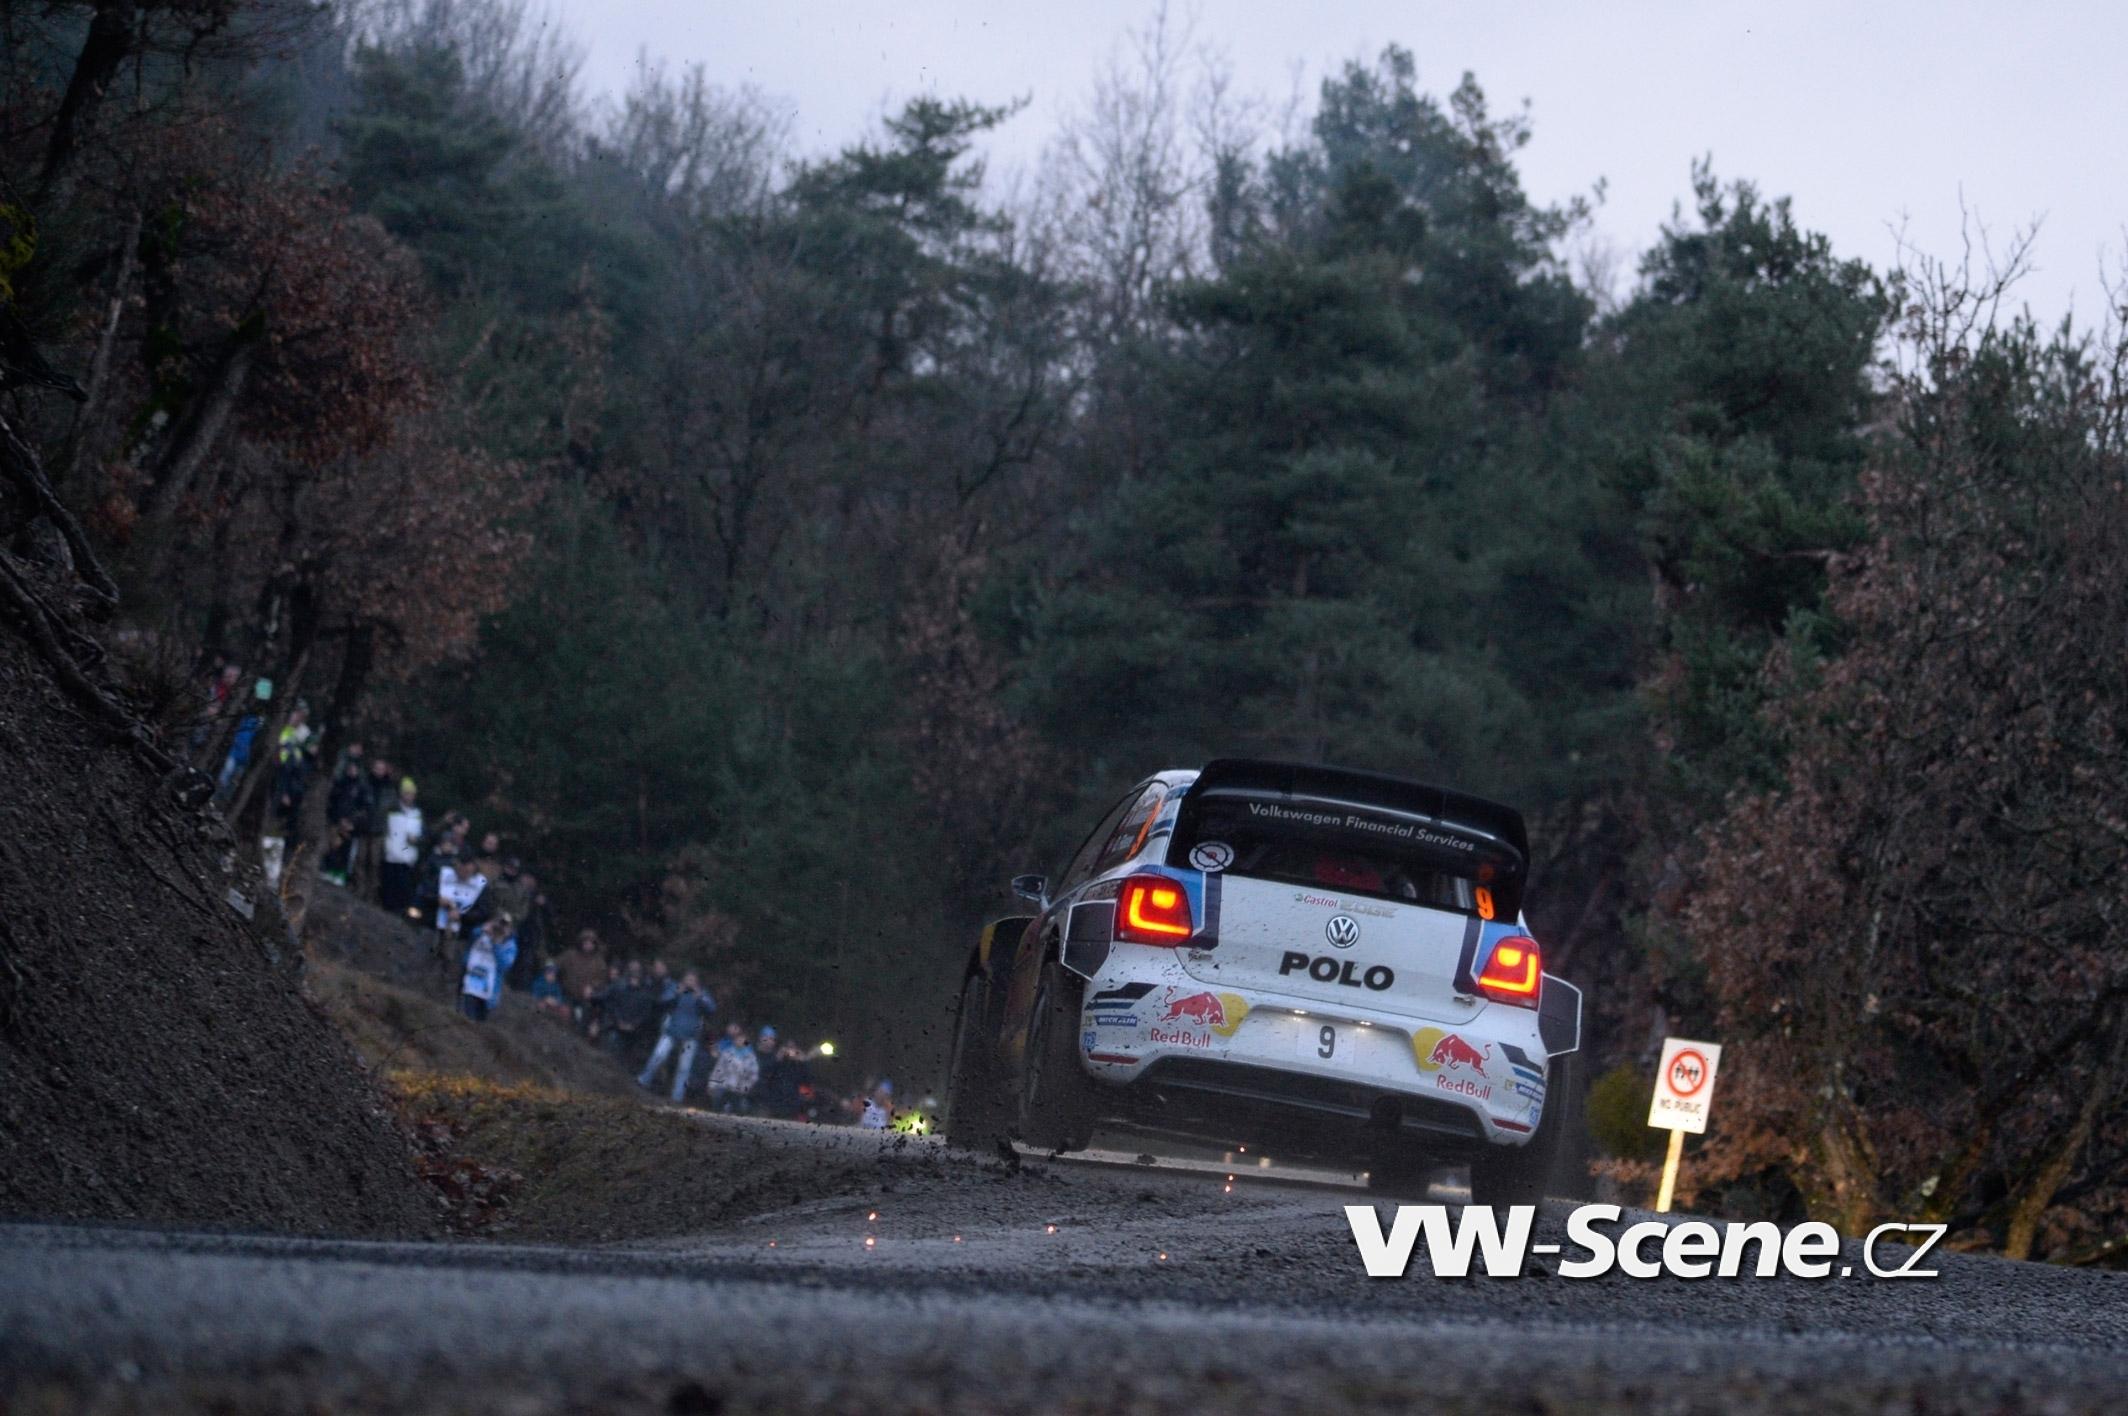 Polo R WRC 11